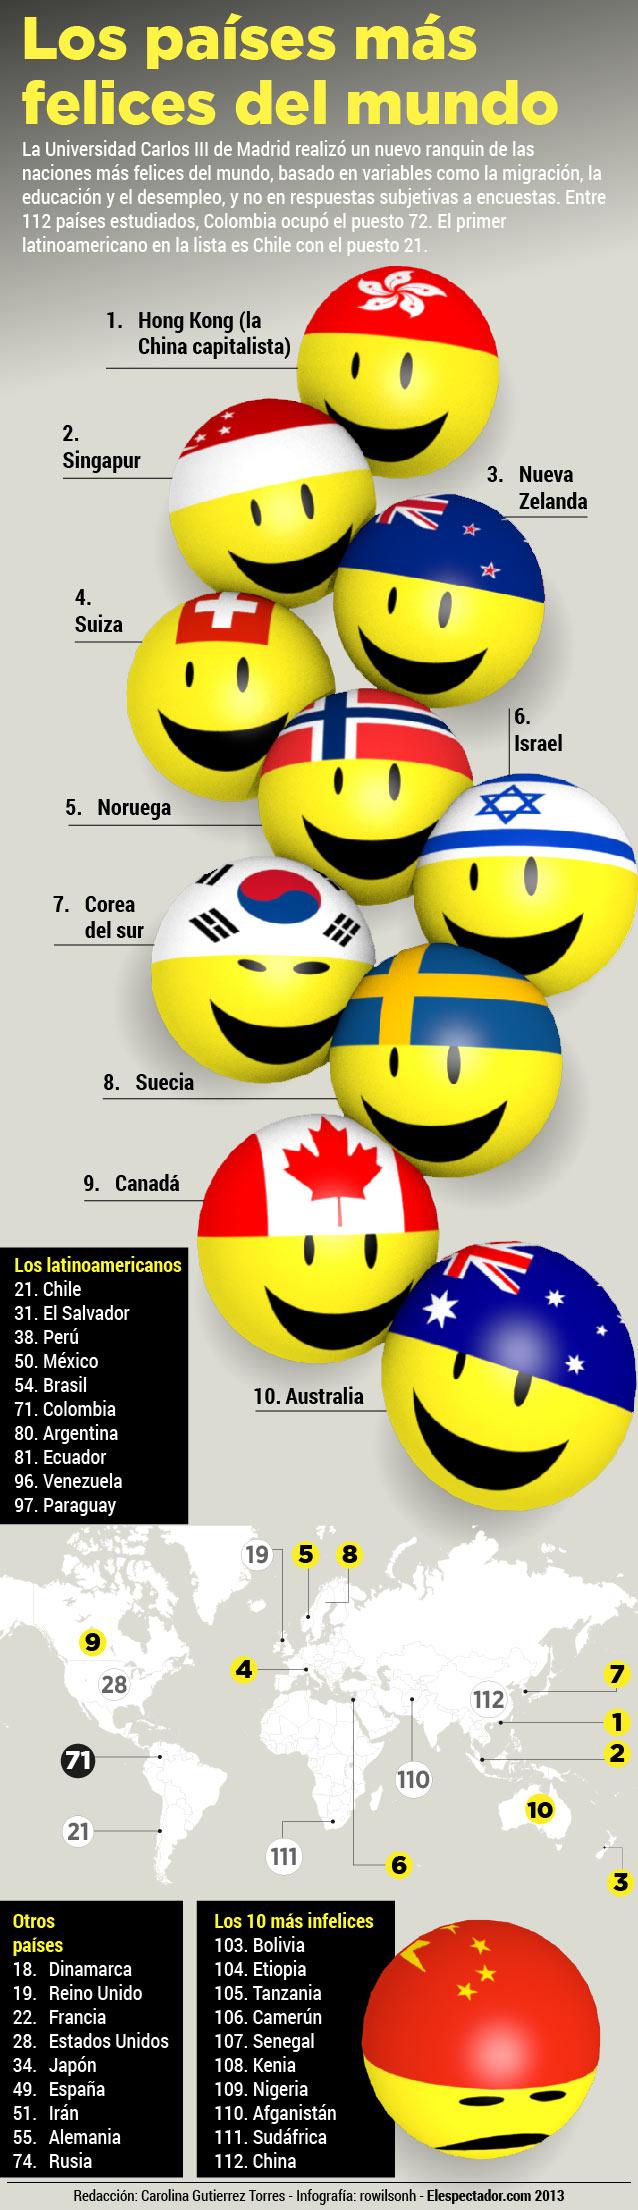 Los países más felices del Mundo